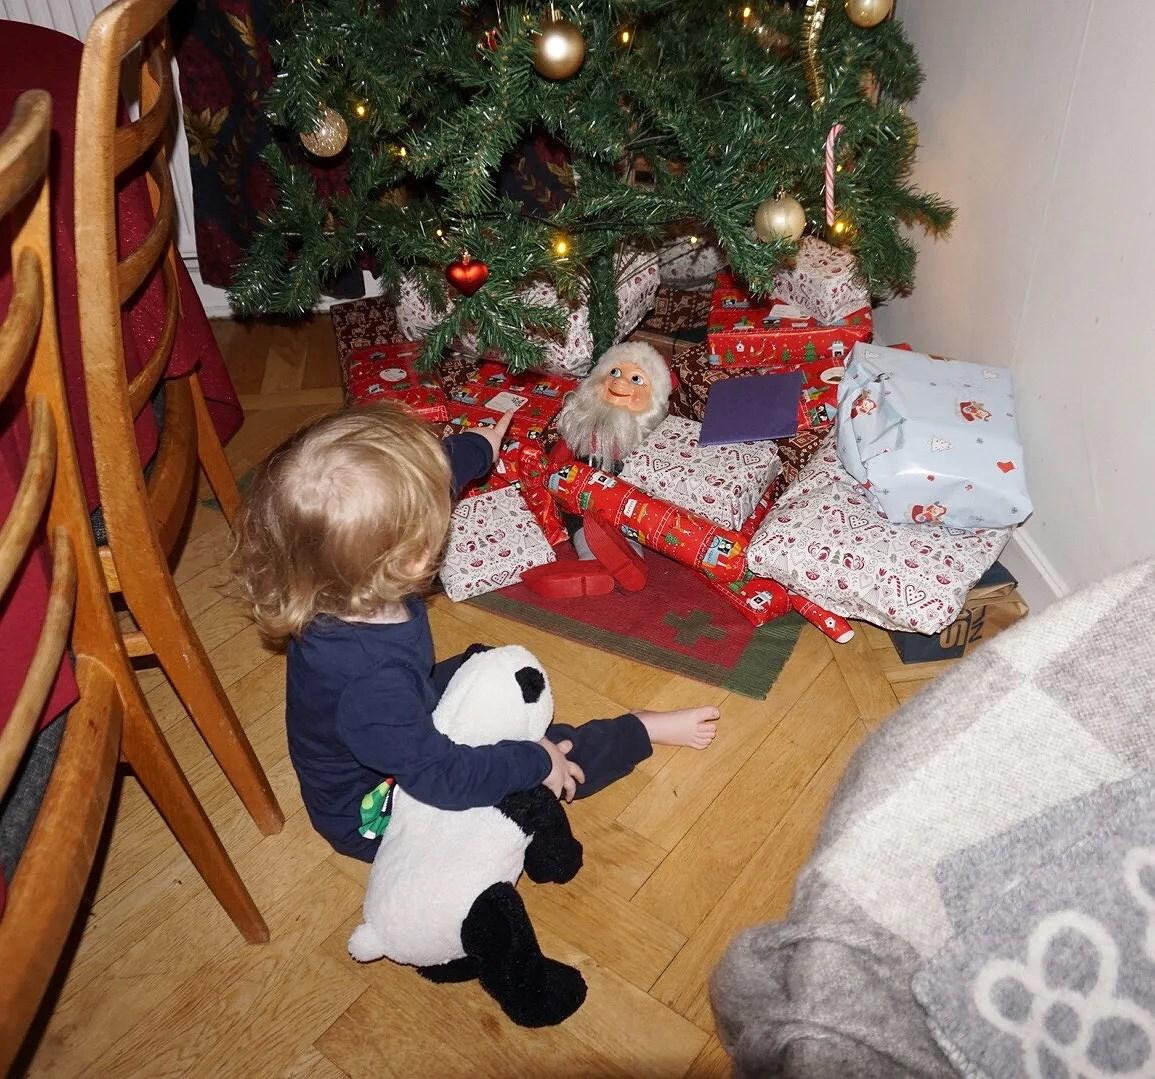 Vårt julfirande nummer 1!